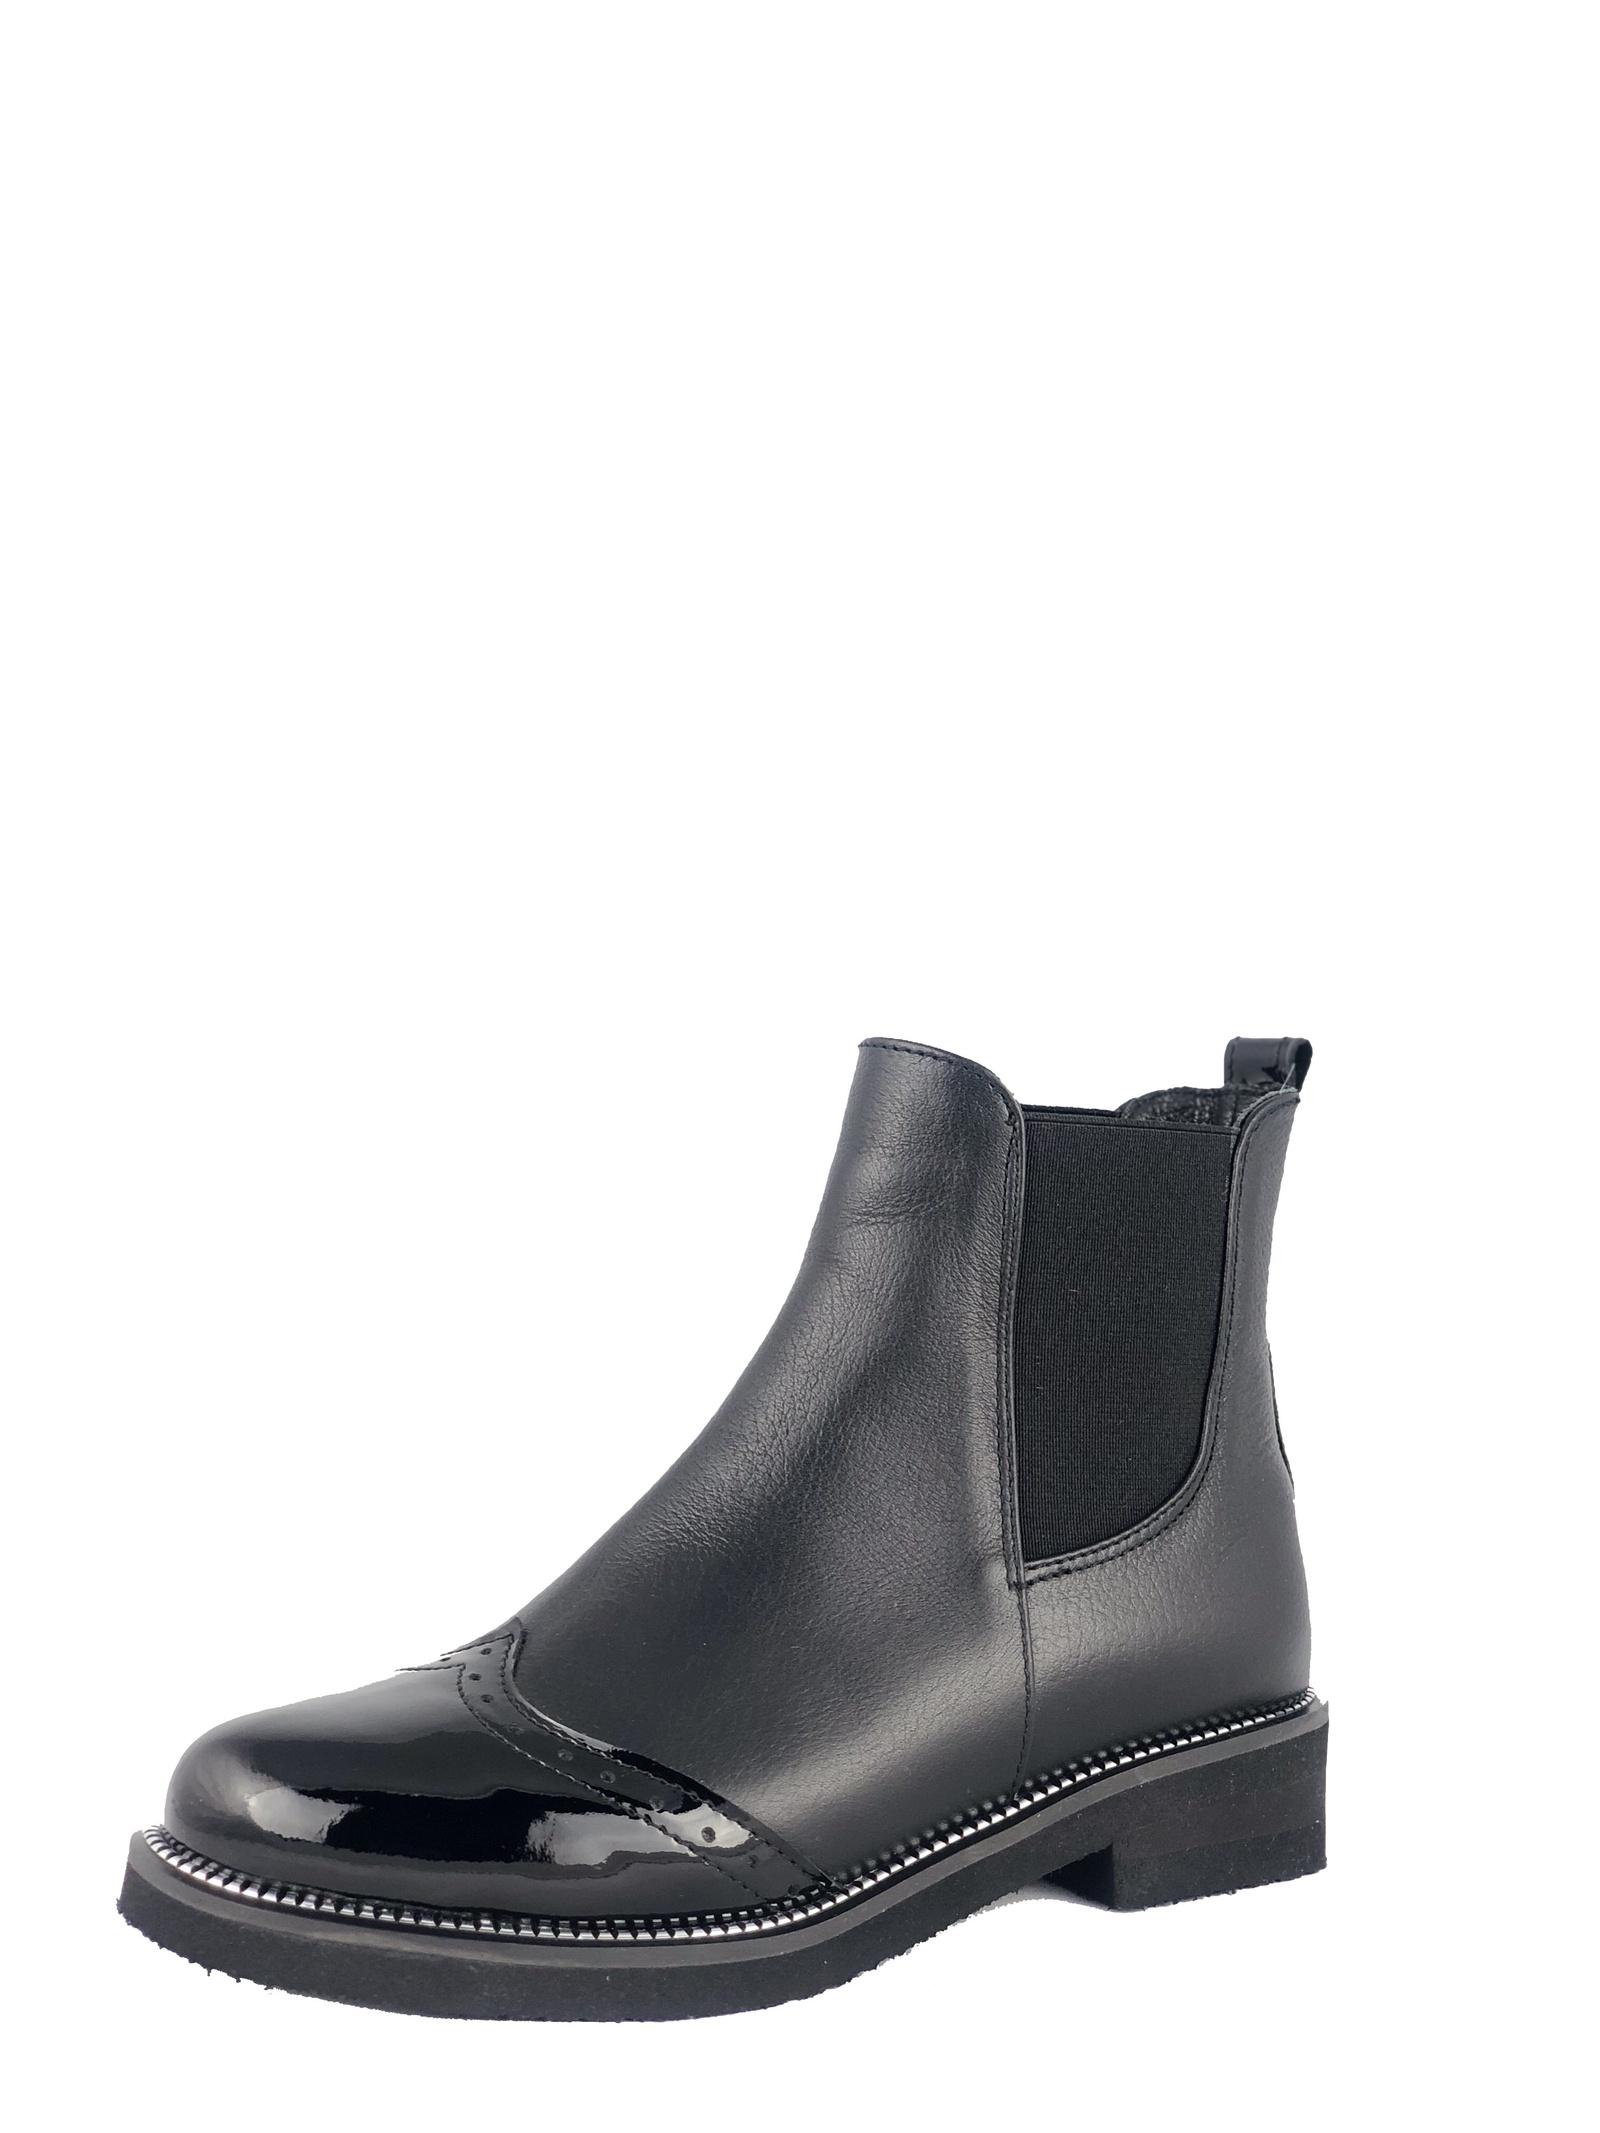 Ботинки ESTELLA женские кожаные зимние ботинки